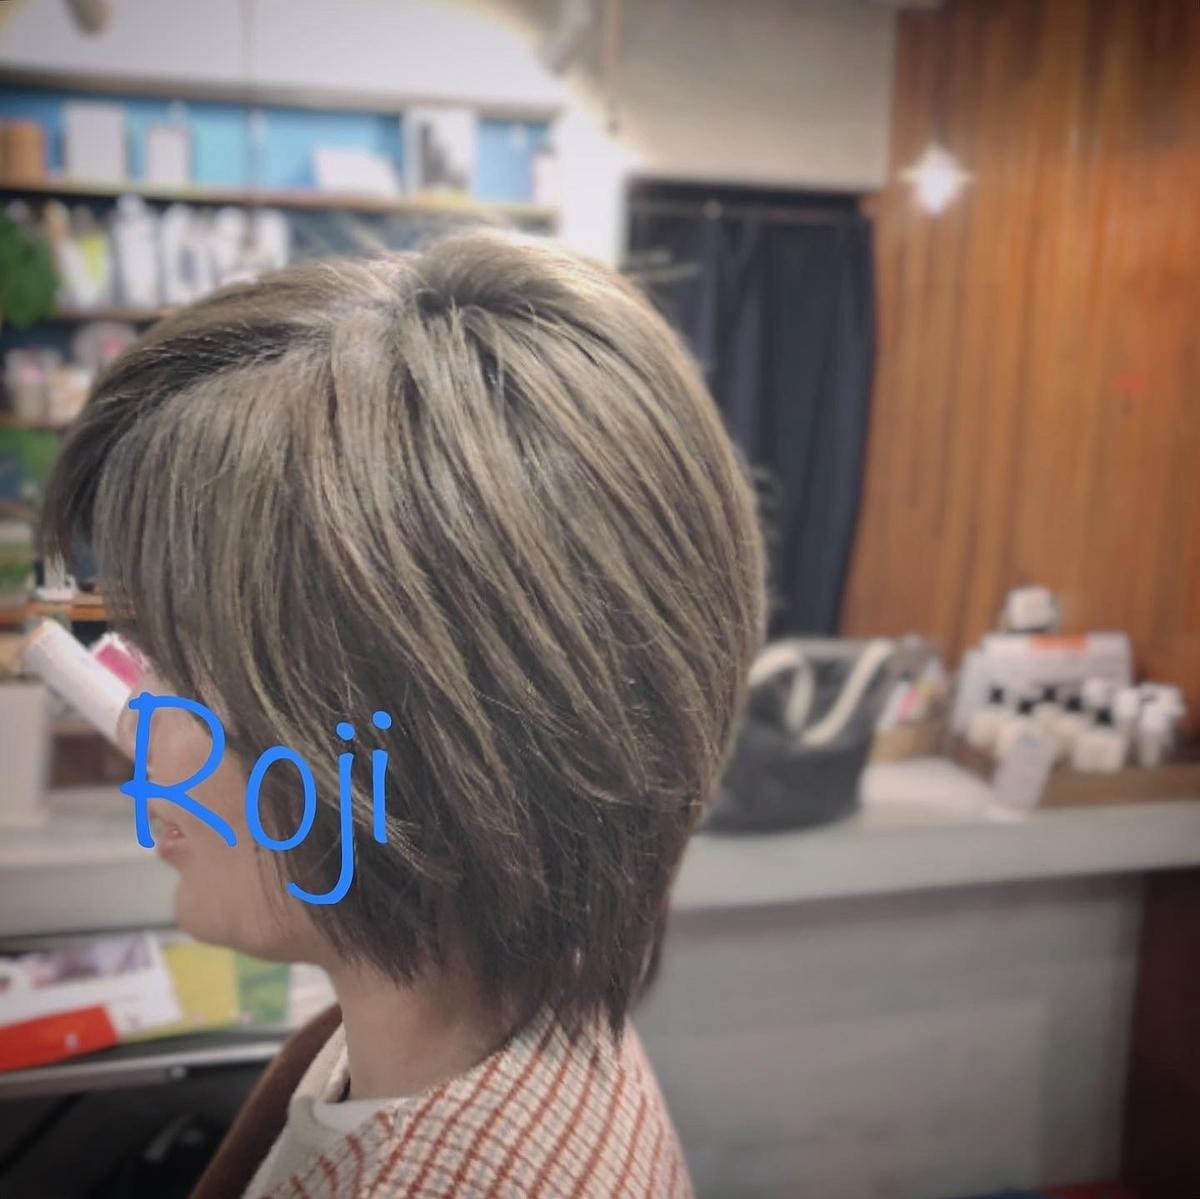 f:id:roji-news:20200109191103j:plain